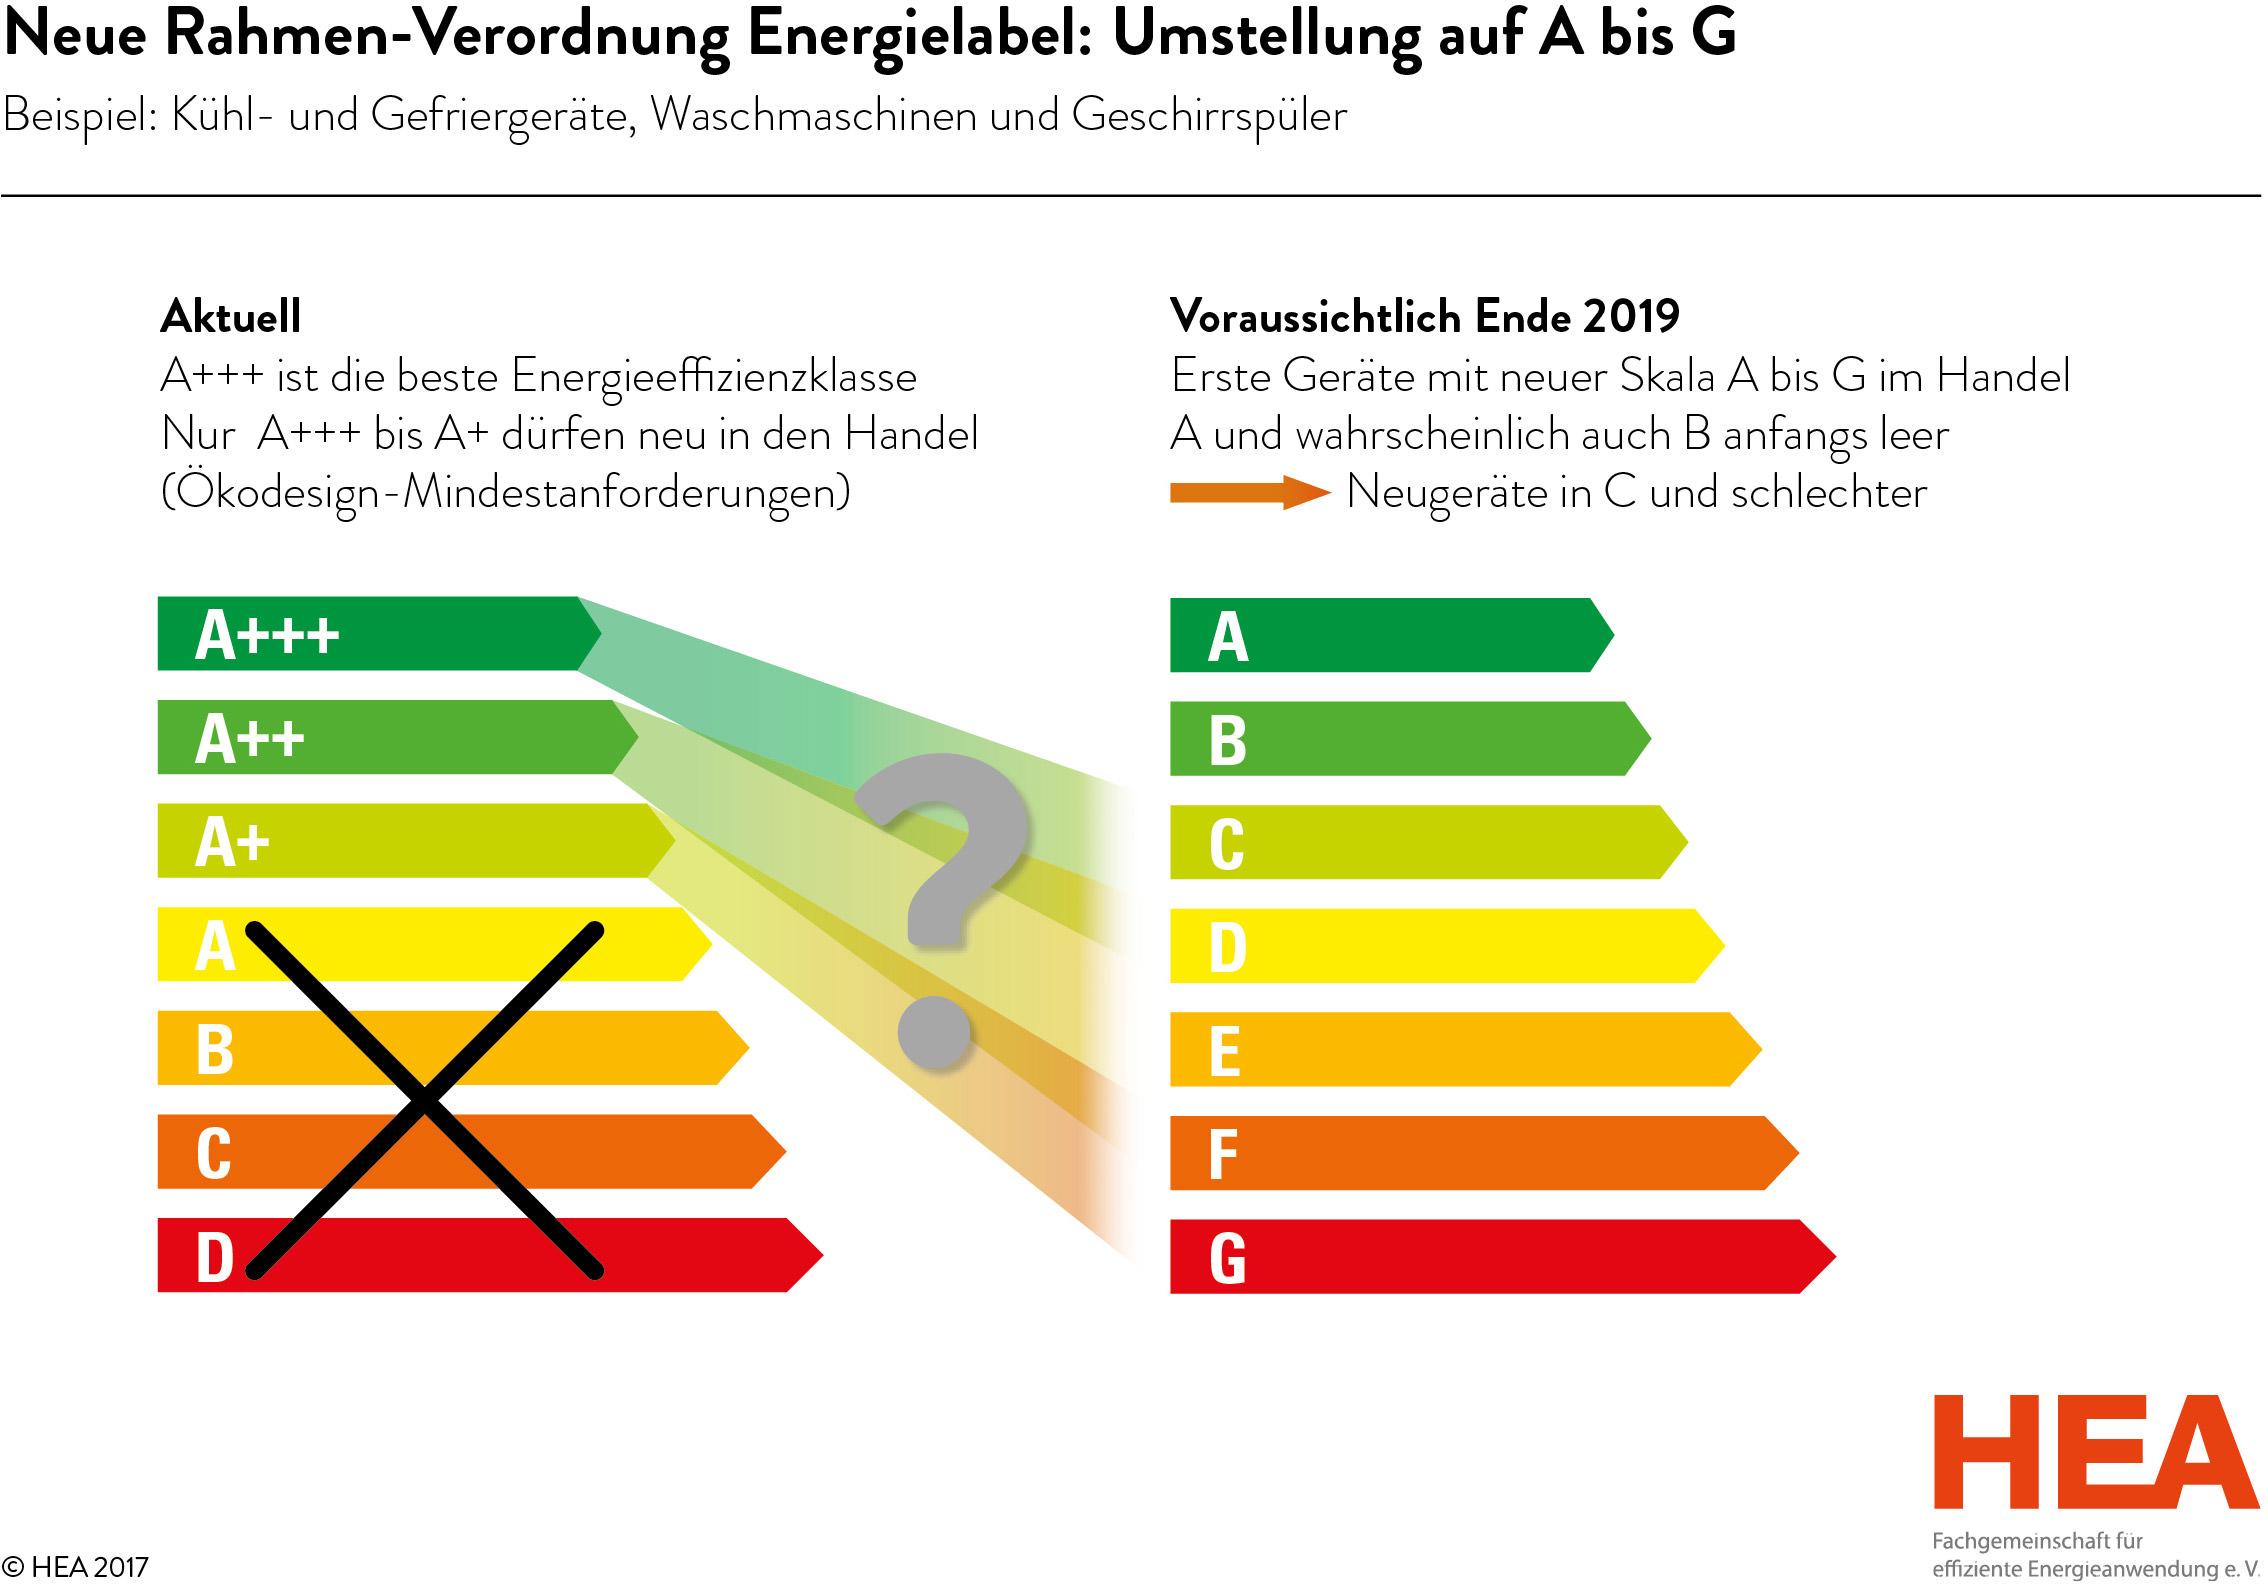 Zwischen G und A+++: Verwirrung bei den europäischen Energielabeln